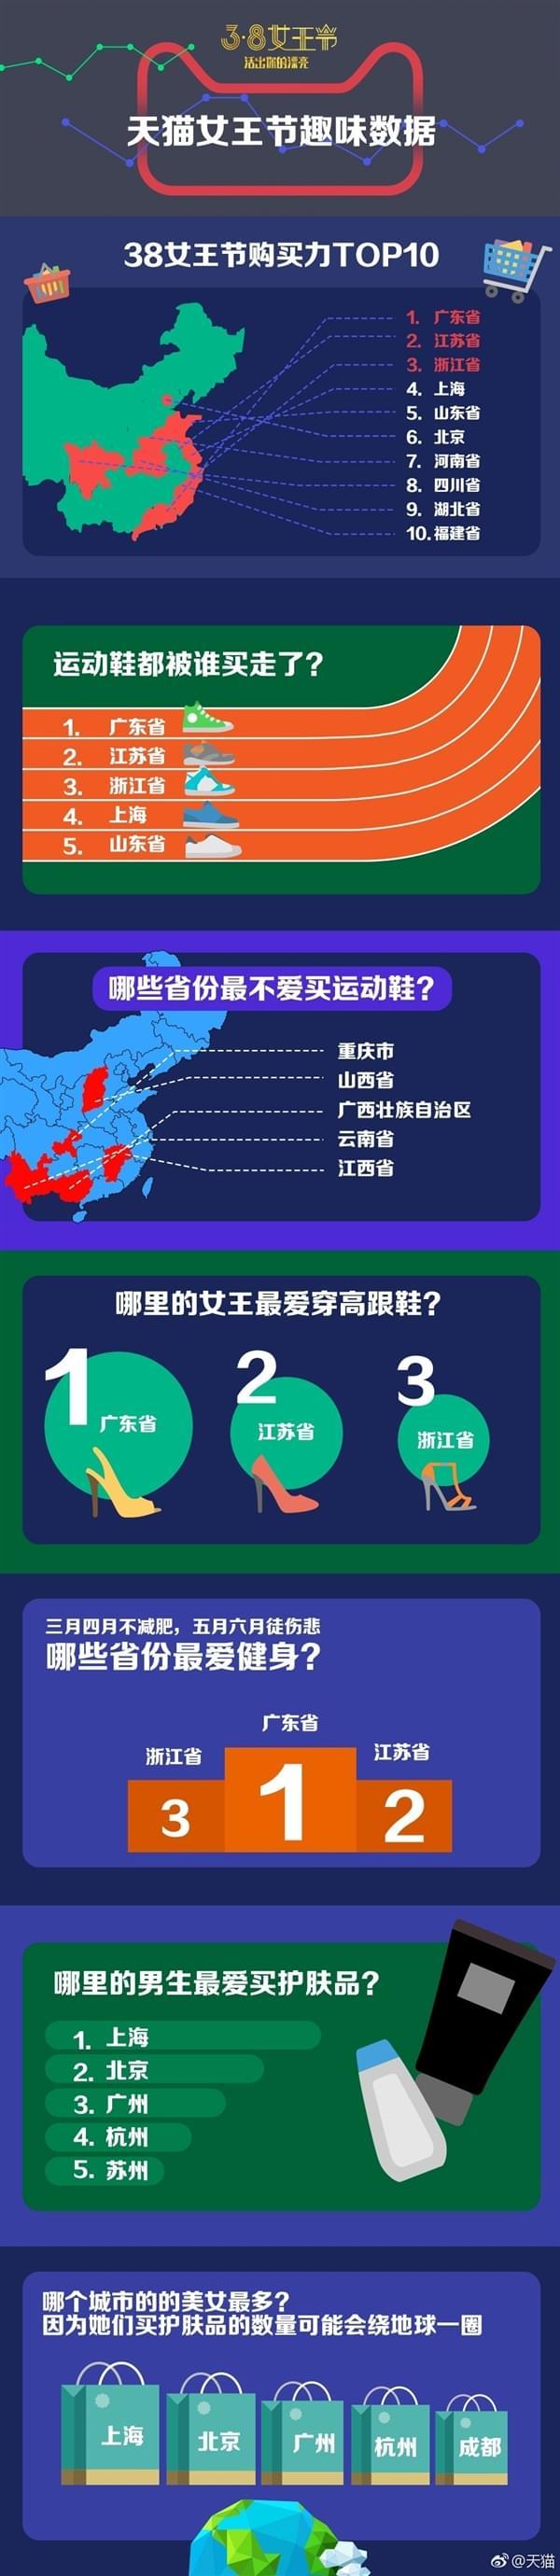 """天猫""""败家""""排行榜:广东女性最爱买买买的照片 - 2"""